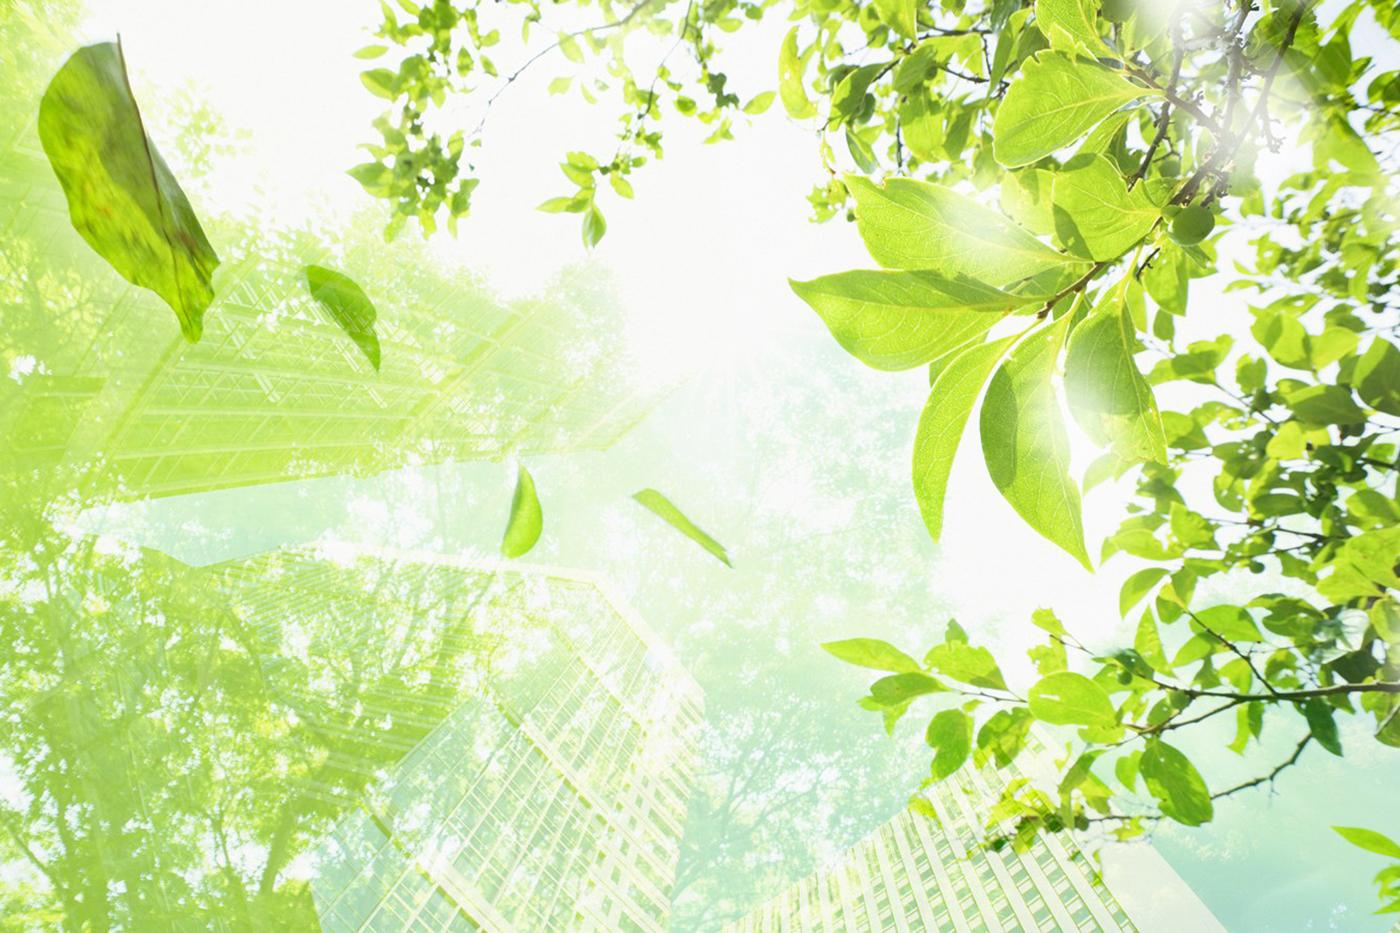 Avantajele ambalajelor ecologice pentru mediu